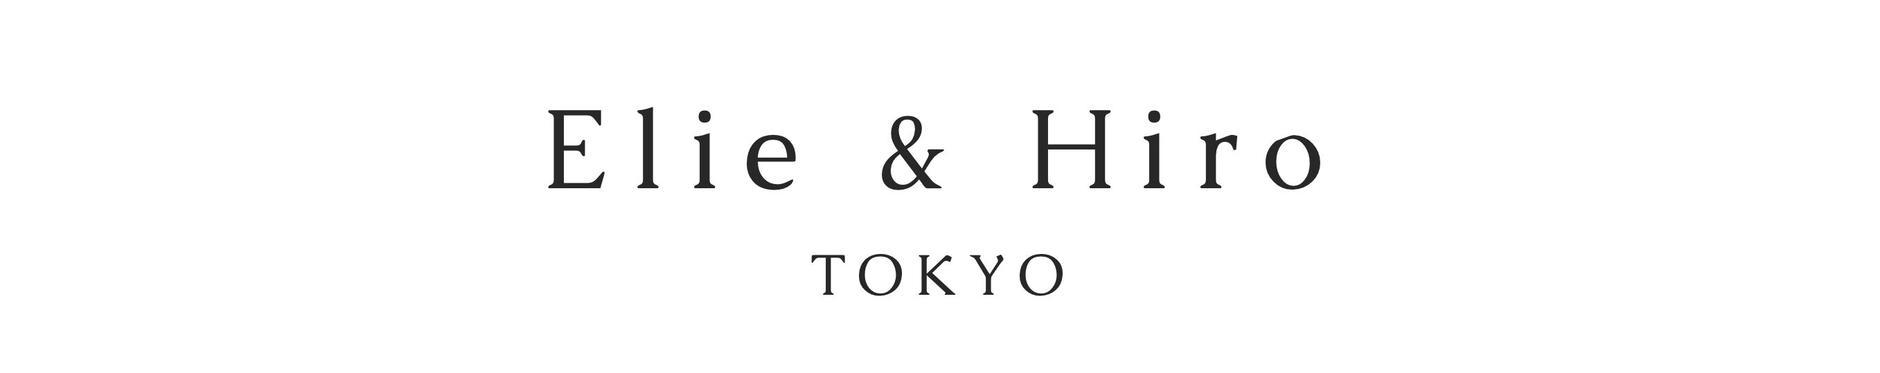 Elie&Hiro